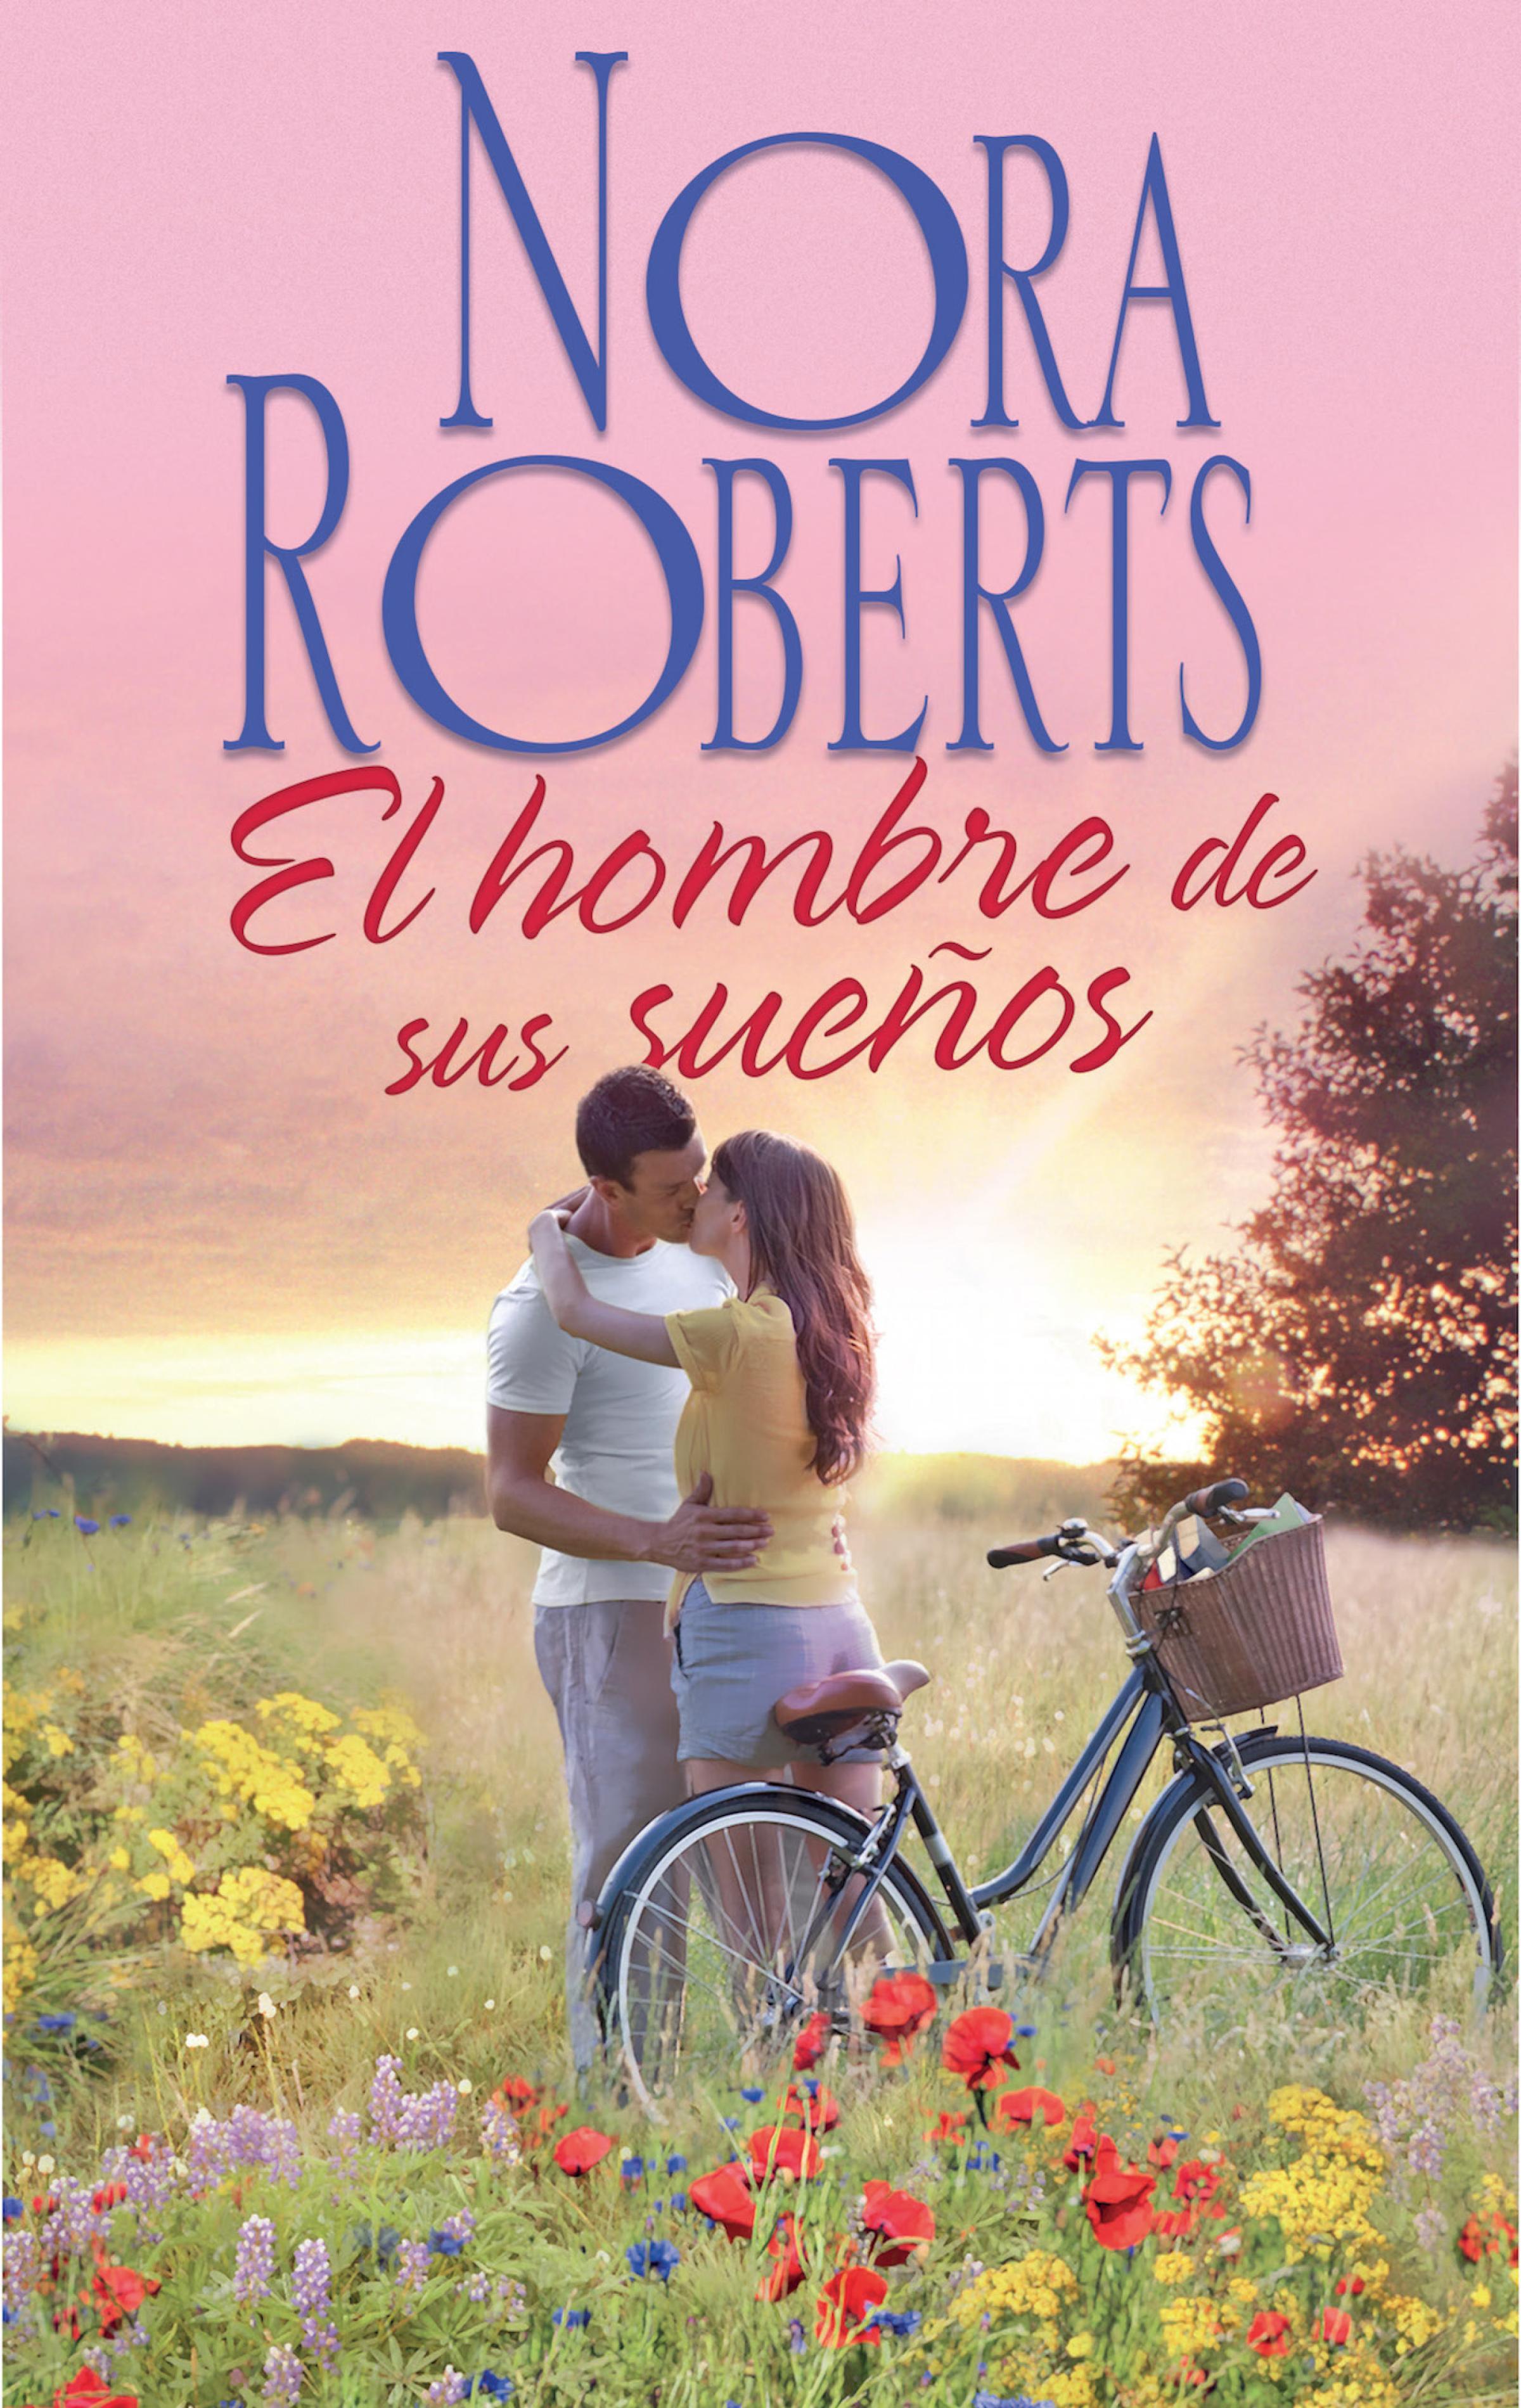 Nora Roberts El hombre de sus sueños catherine mann el príncipe de sus sueños treinta días de romance un amor impulsivo